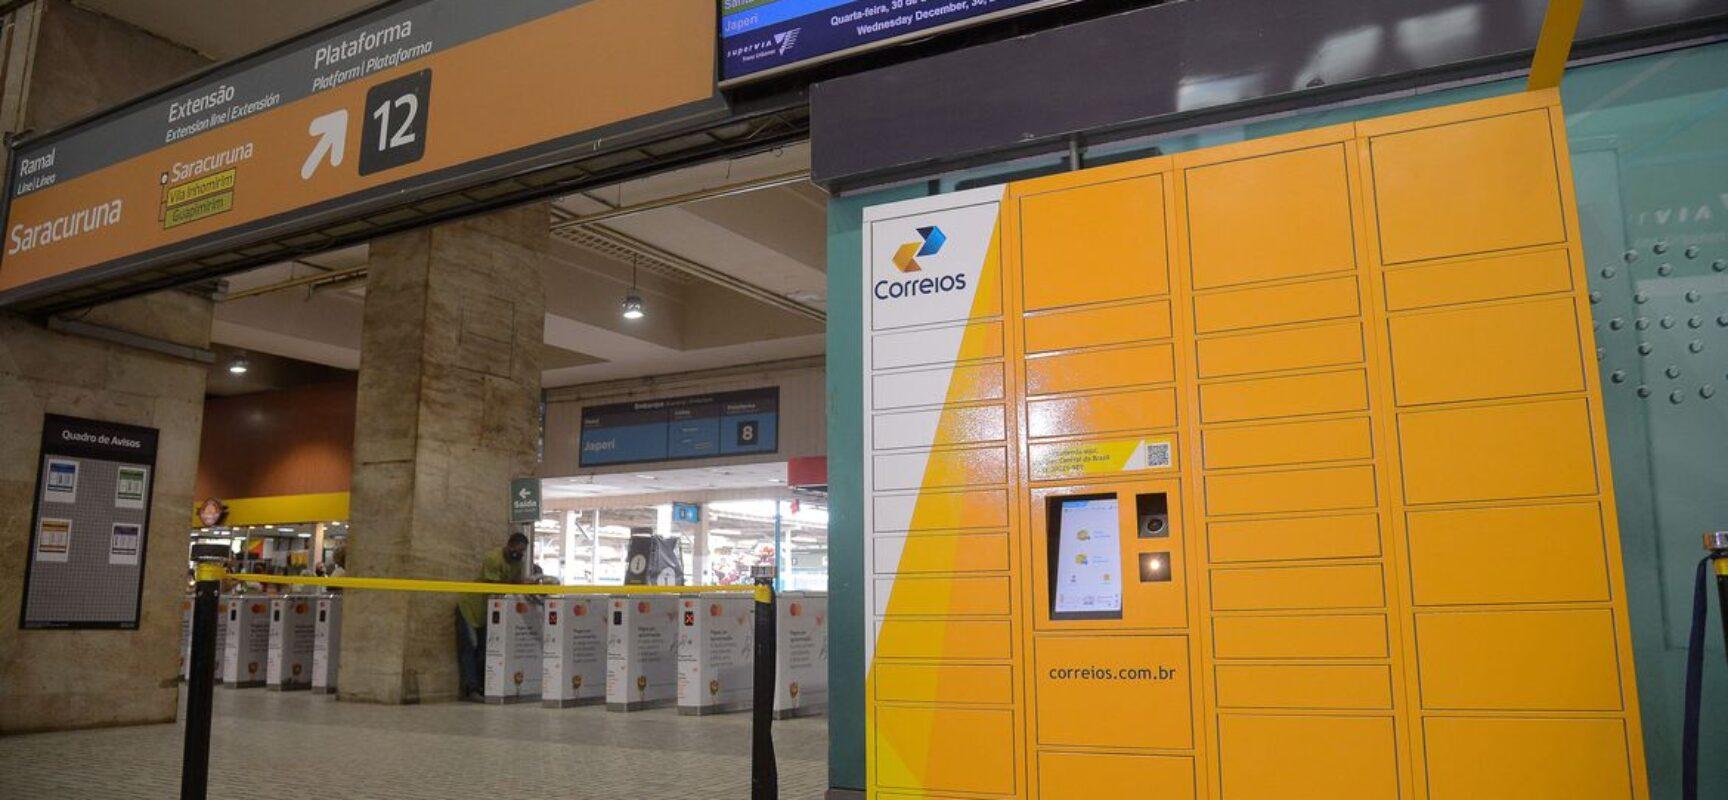 Correios lançam no Rio modalidade de entrega com armários inteligentes